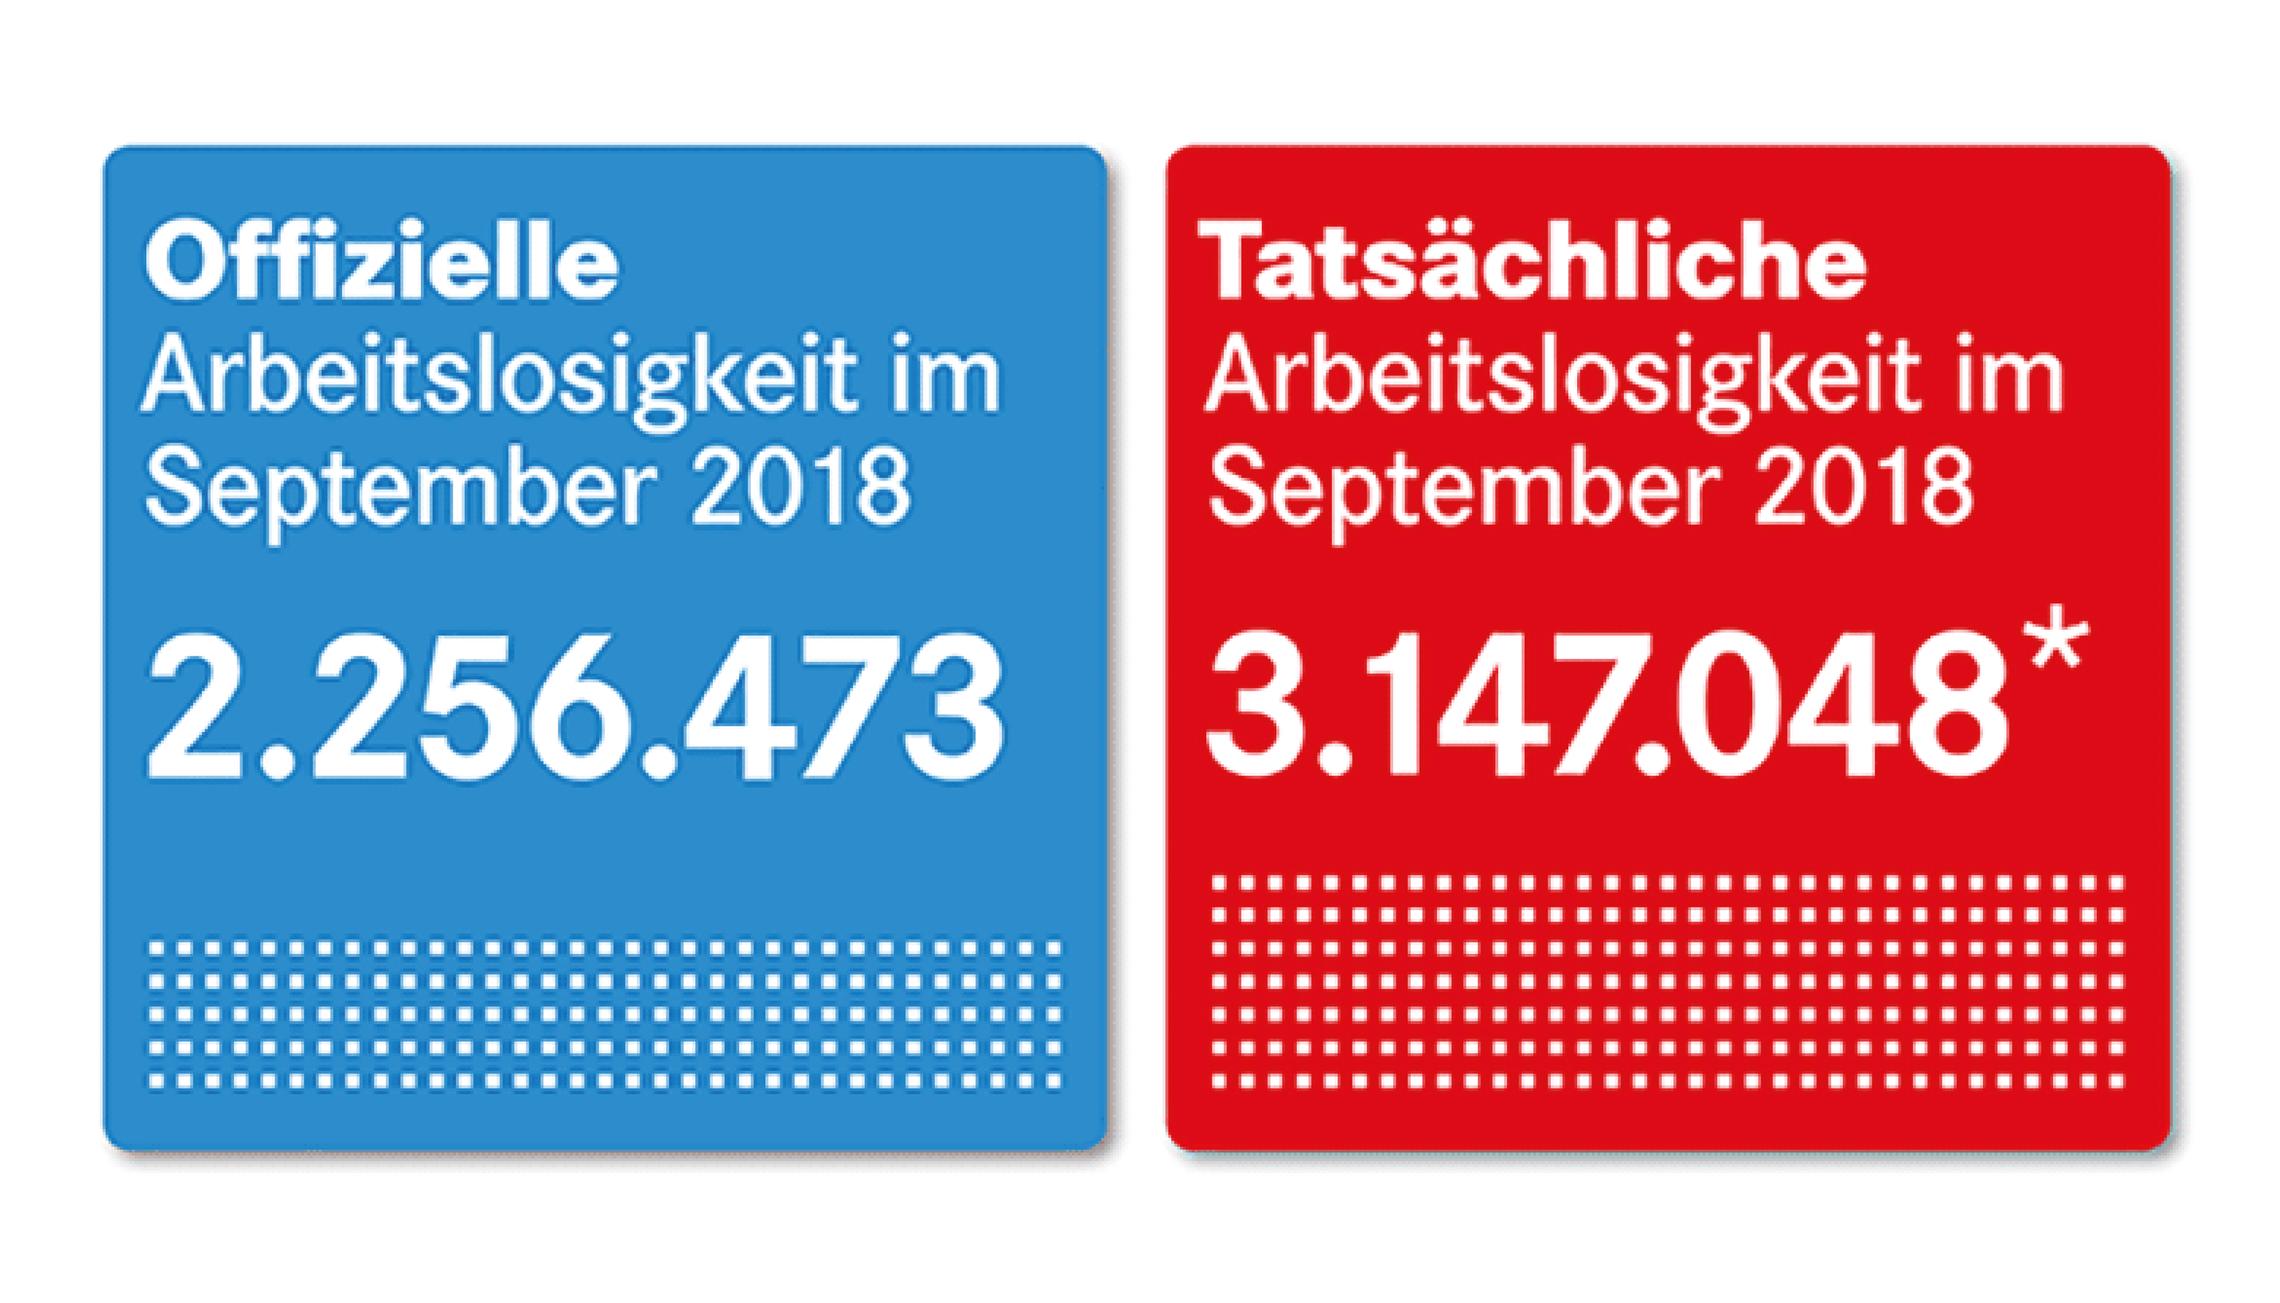 Offizielle und tatsächliche Arbeitslosigkeit im September 2018